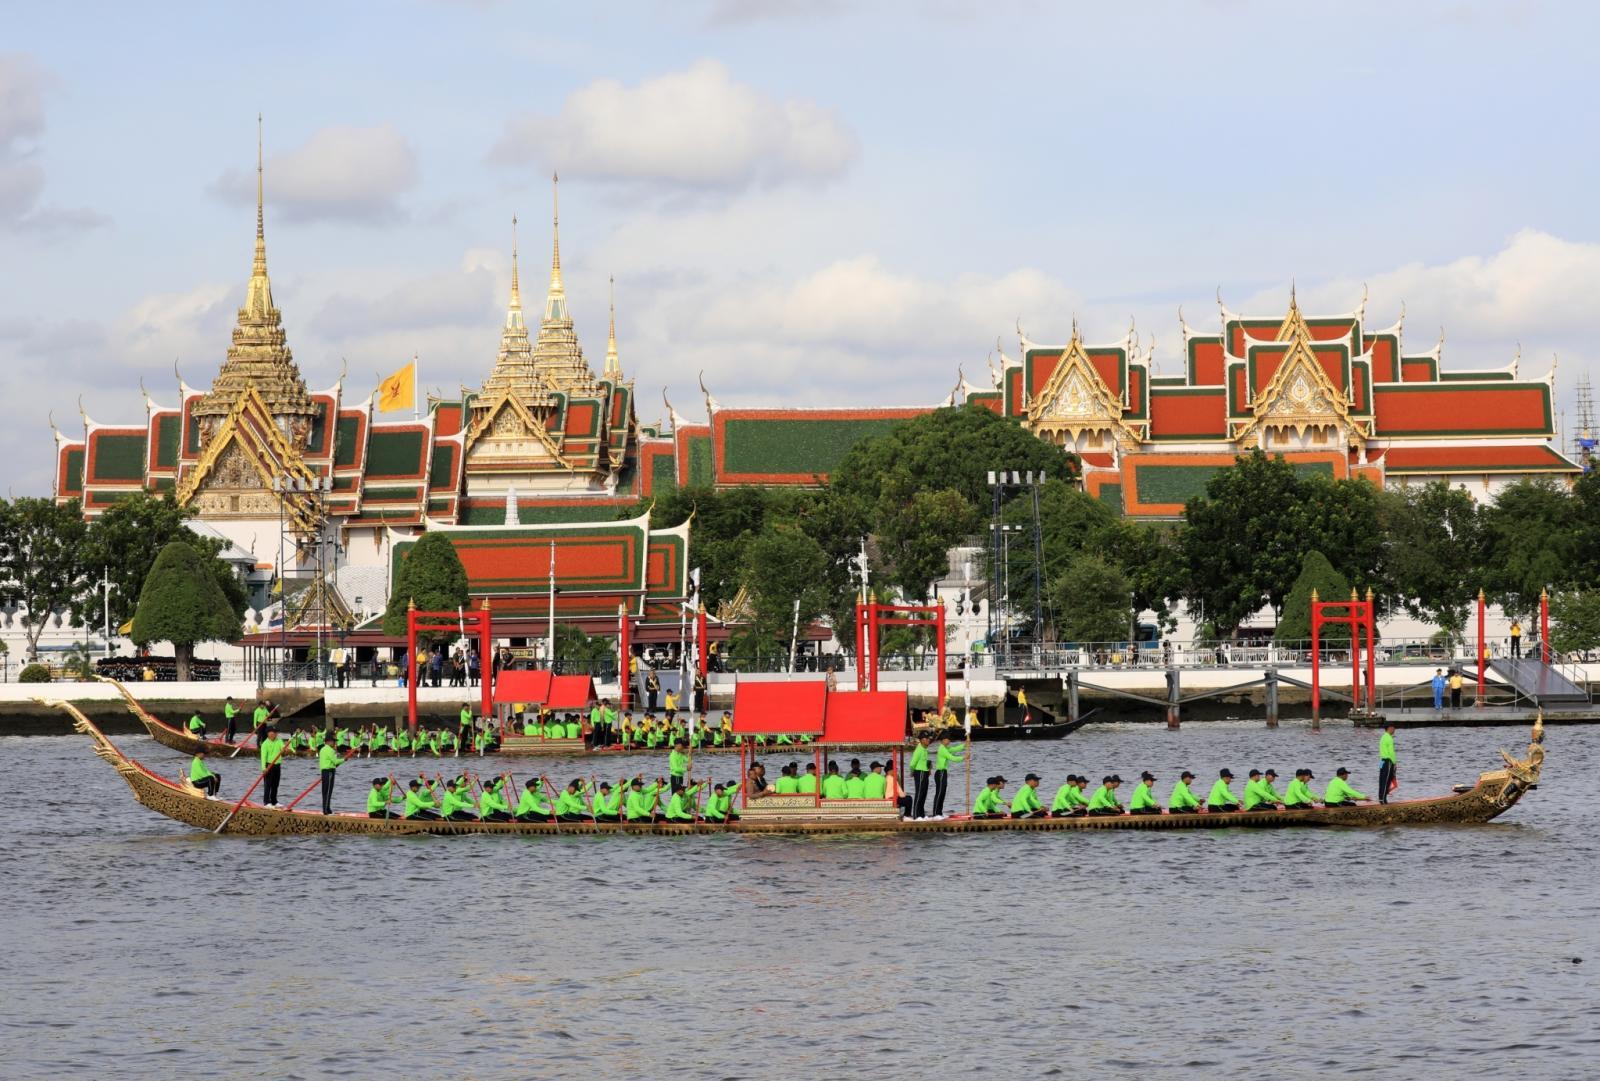 แจ้งปิดการจราจรทางน้ำ ซ้อมขบวนเรือพระราชพิธีพรุ่งนี้